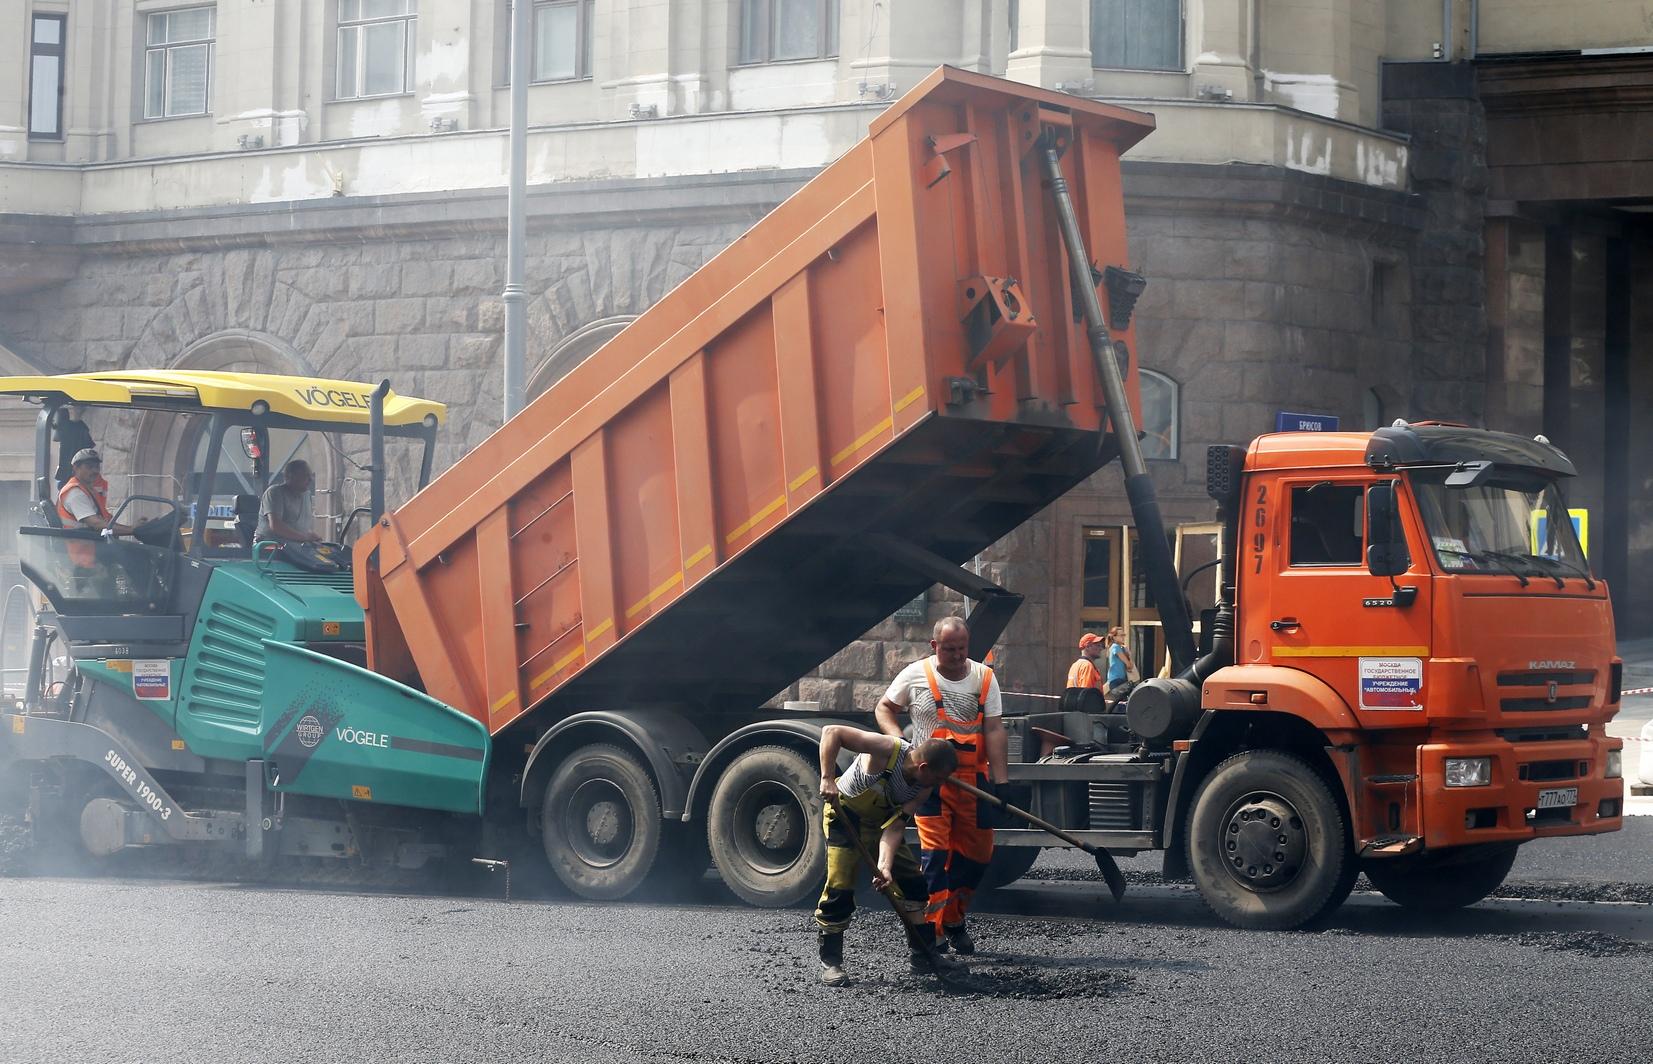 На некоторых особенно неровных участках Тверской рабочим пришлосьснять до 45 сантиметров асфальта